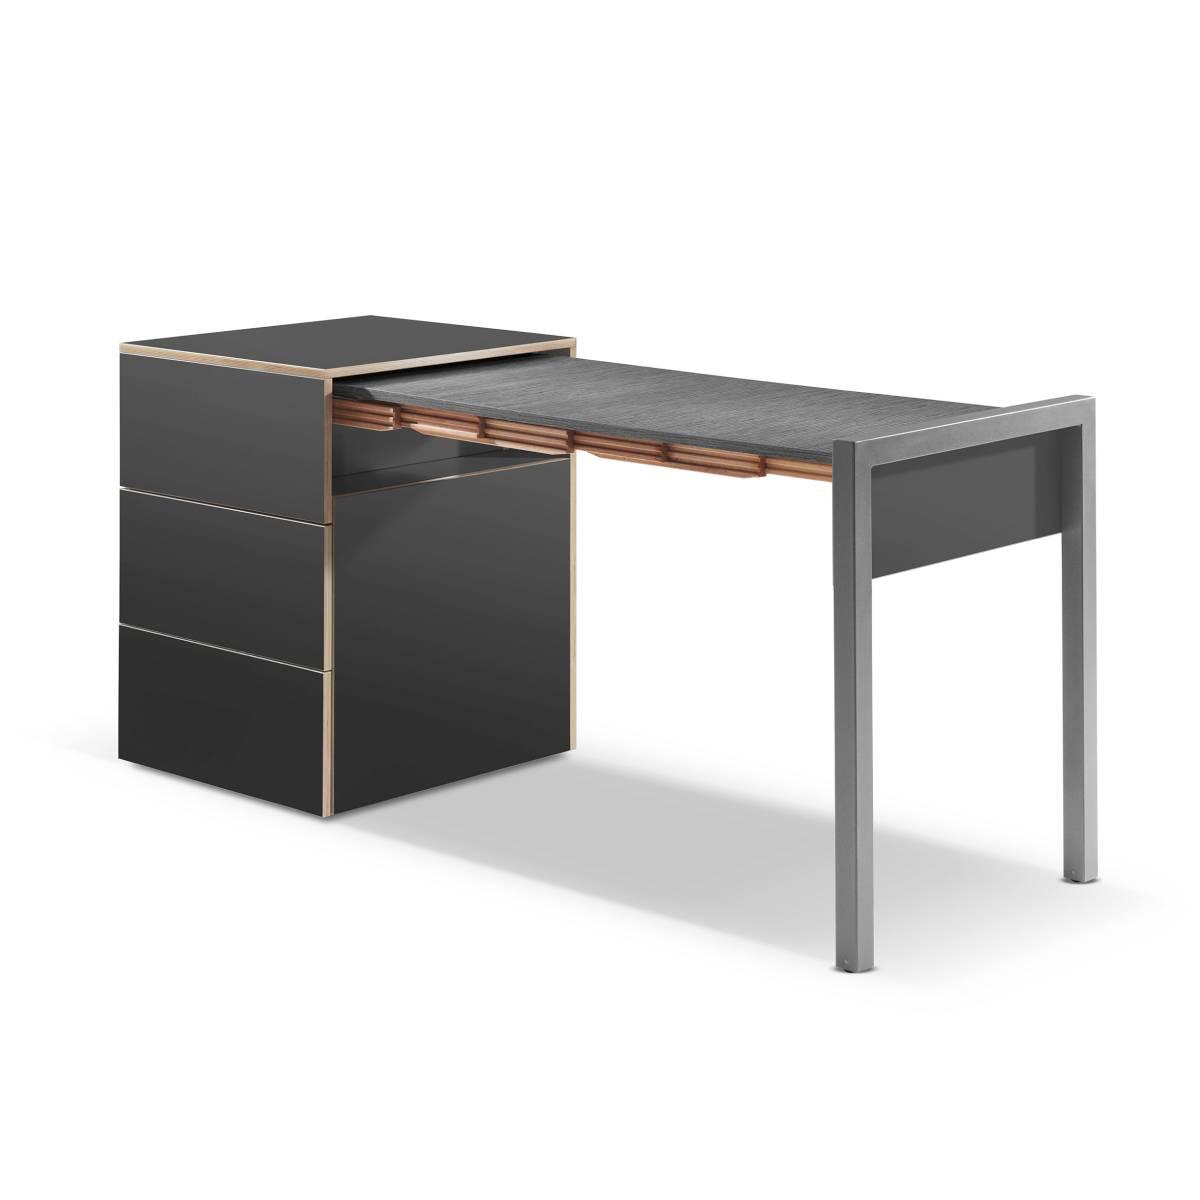 ALWIN ausziehbarer Tisch anthrazit, Platte Orfeo dunkel, Tisch nach rechts